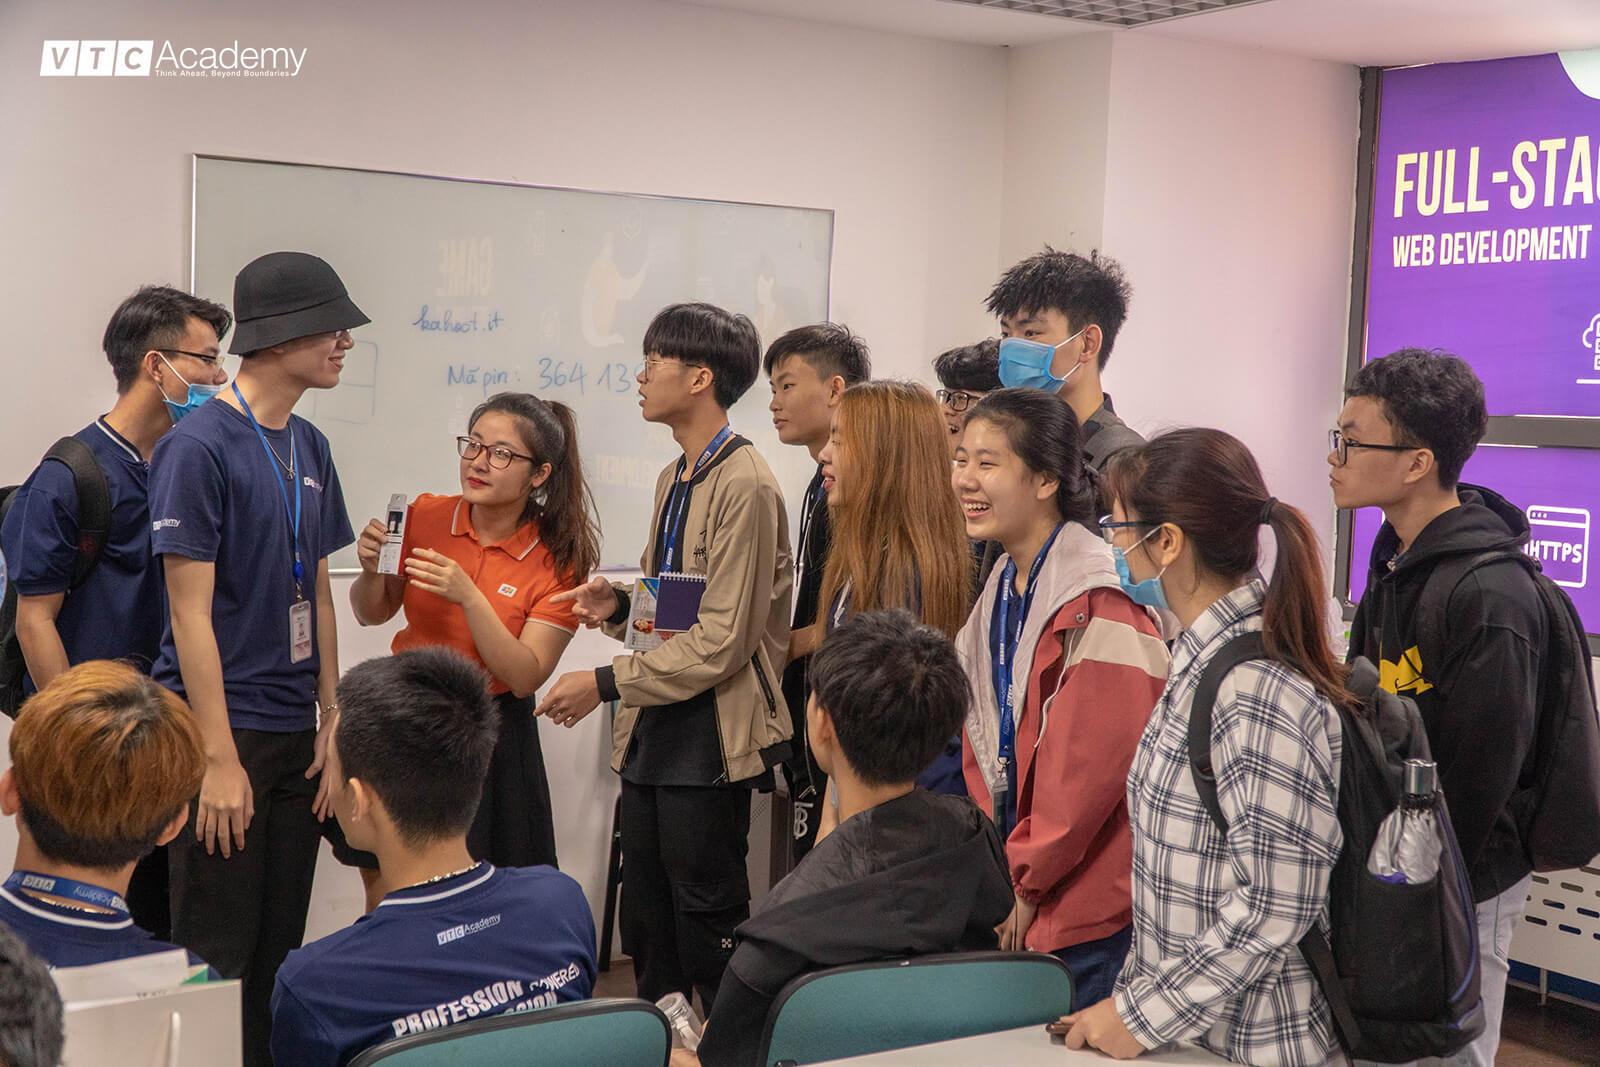 career-expo-vtc-academy-20